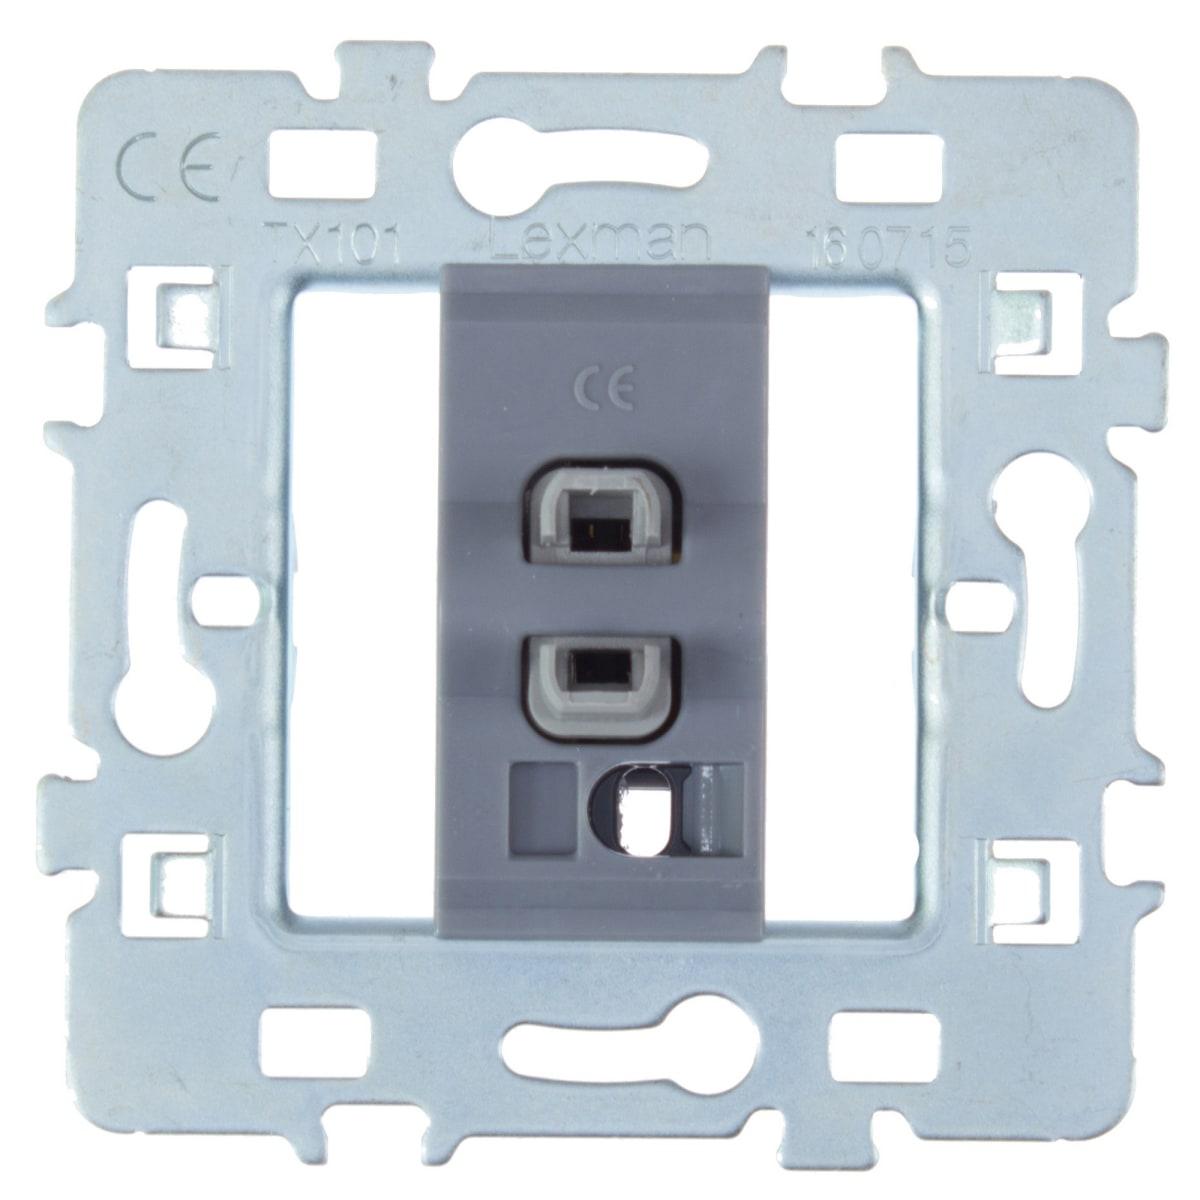 Выключатель встраиваемый Lexman Cosy 1 клавиша, цвет серый